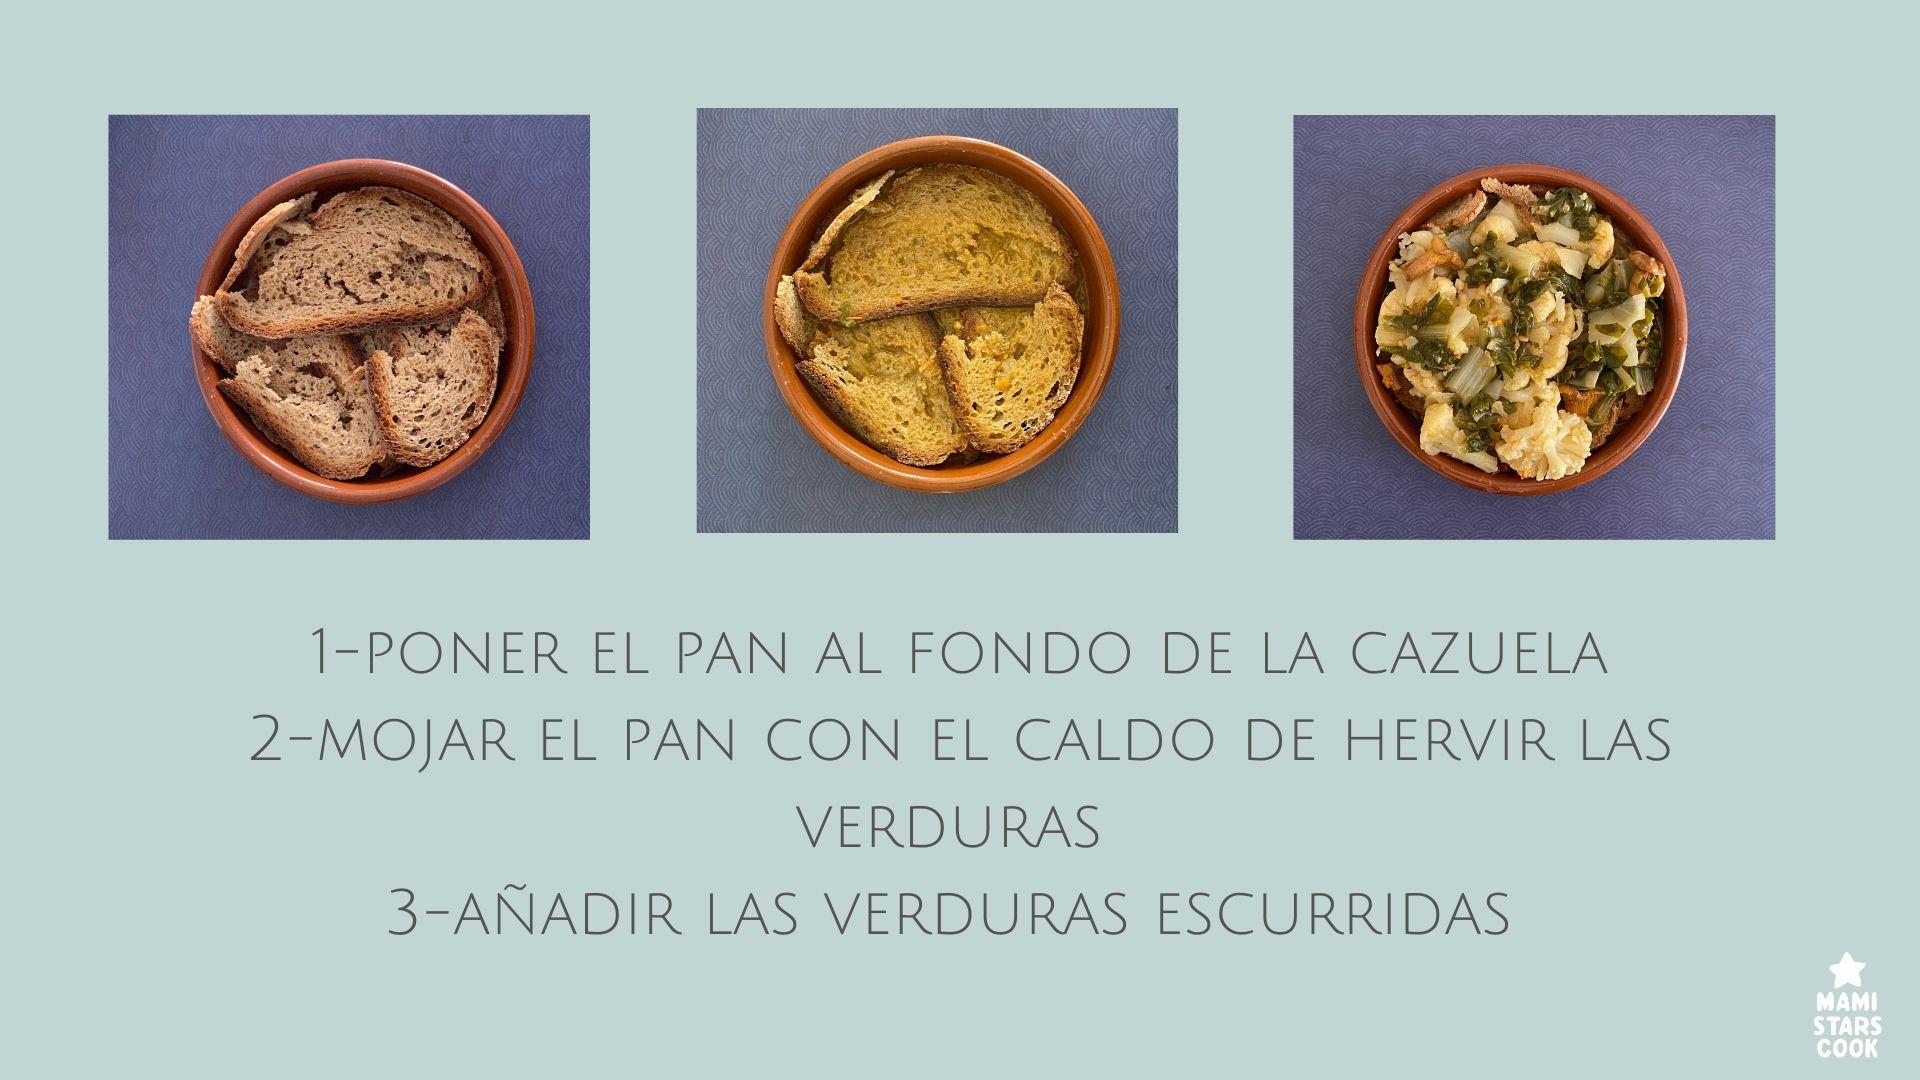 SOPAS MALLORQUINAS receta tradicional mallorca